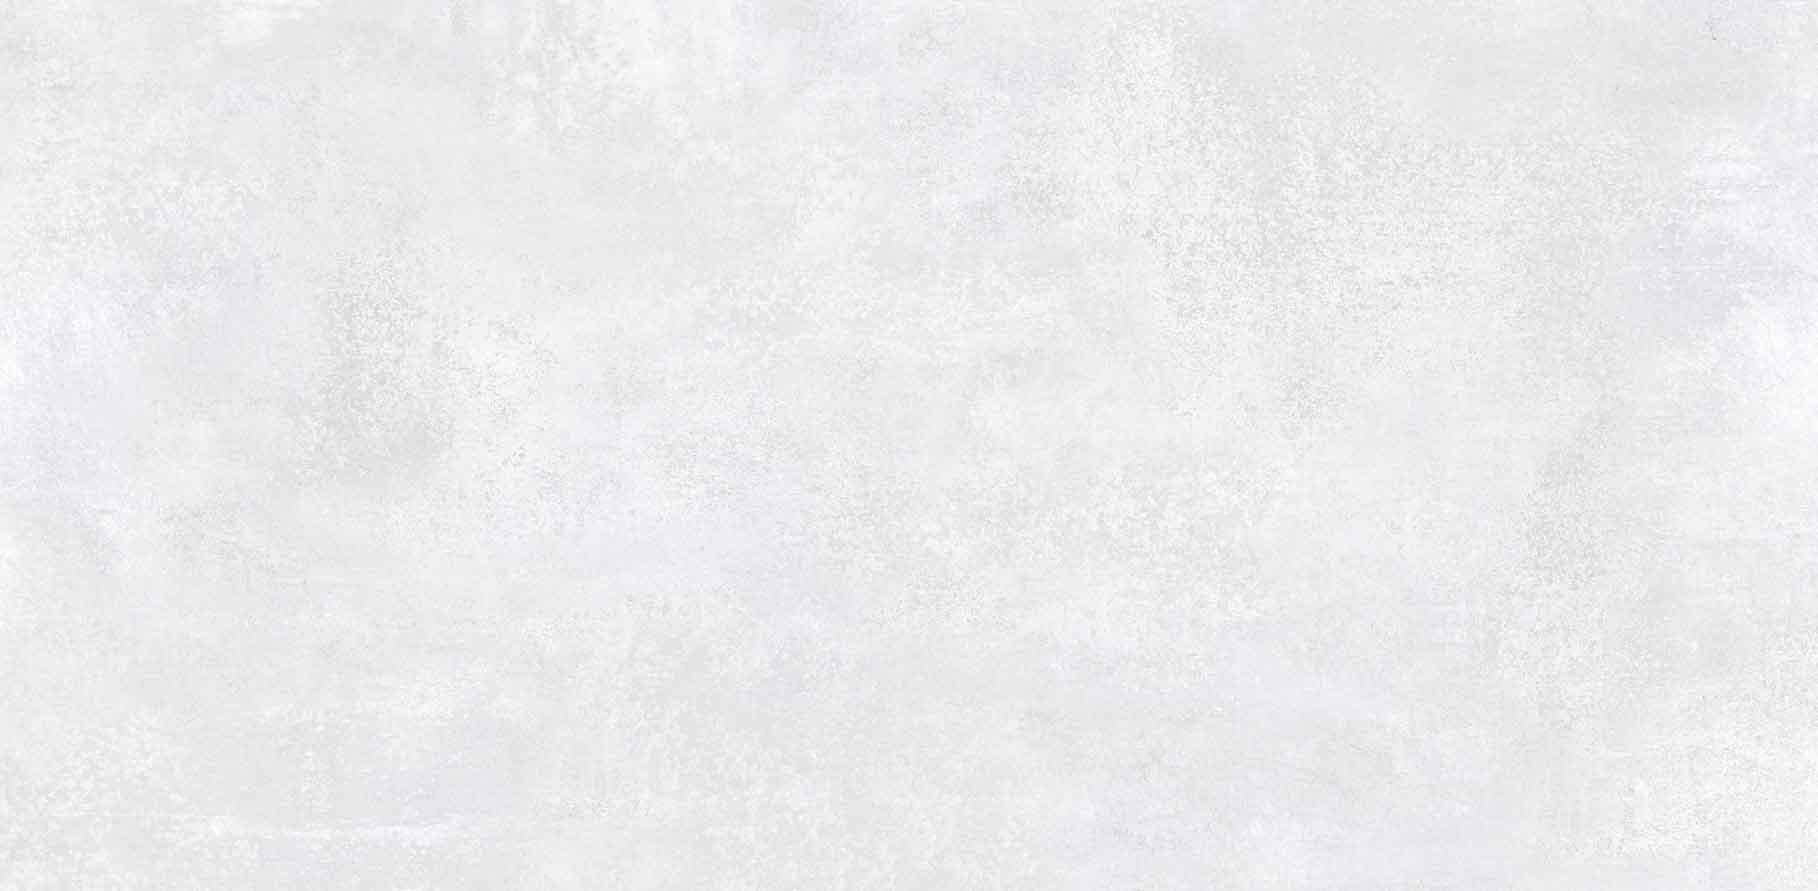 Rawtech White Matte 10mm 60 x 120